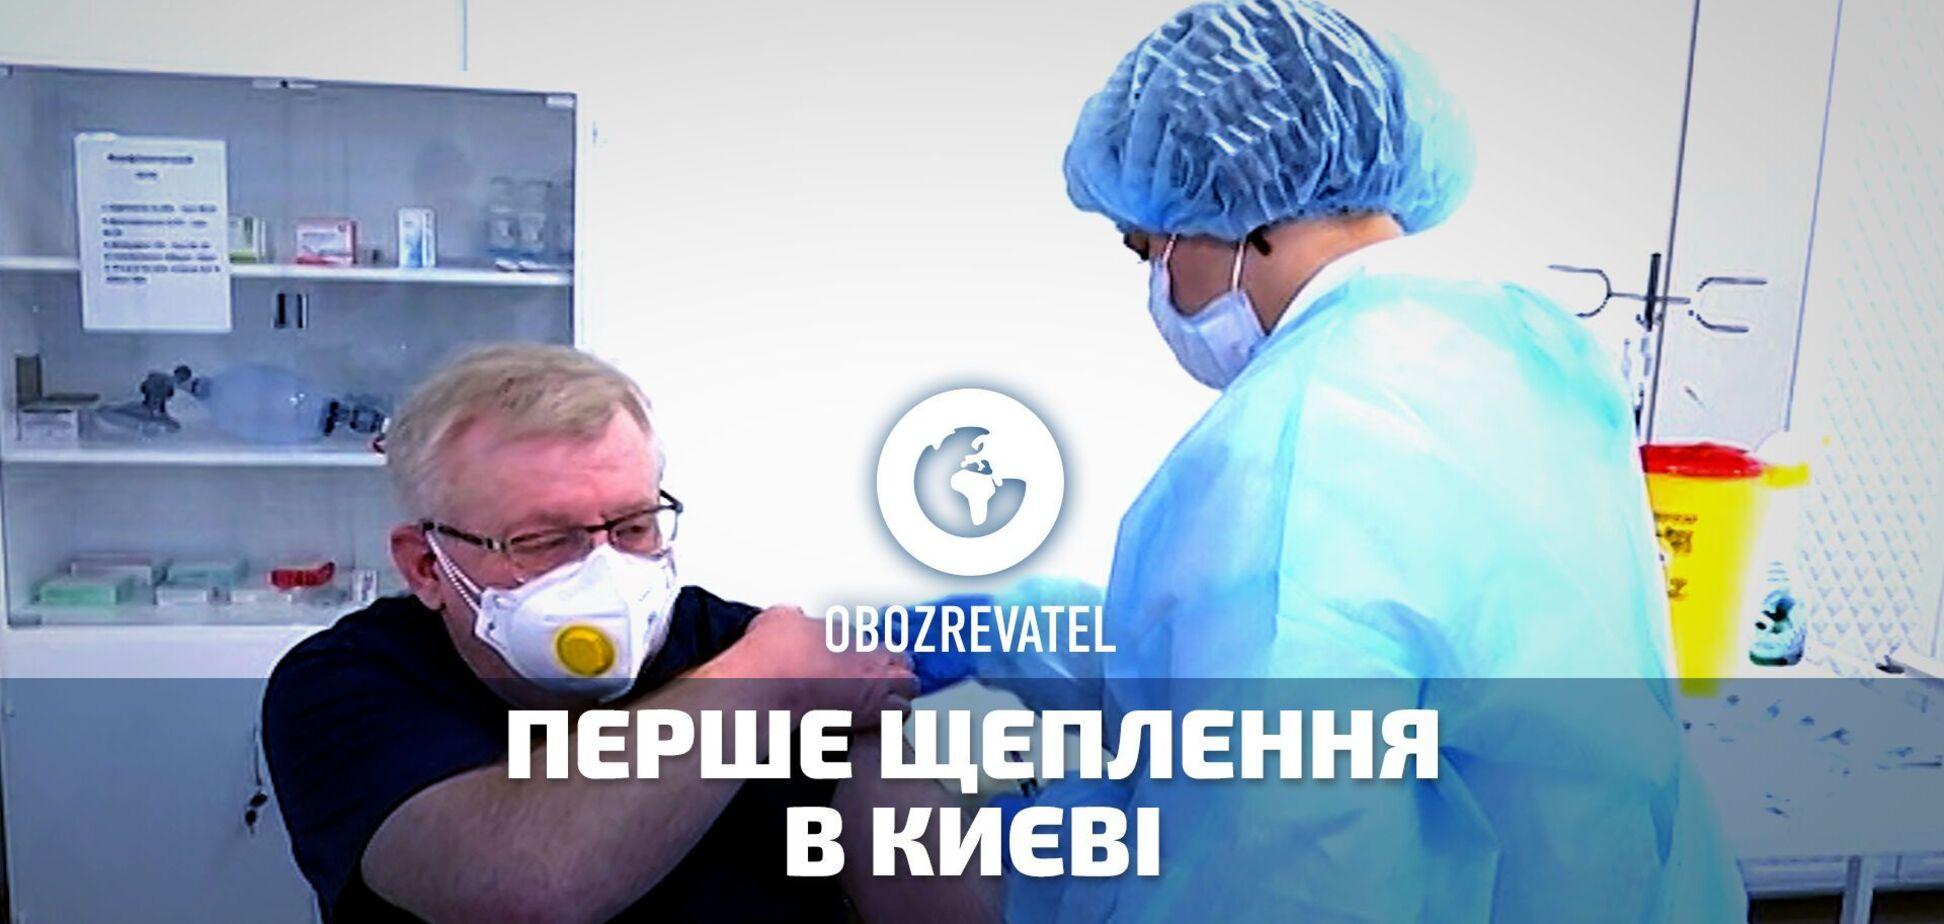 Перший вакцинований від COVID-19 в Києві